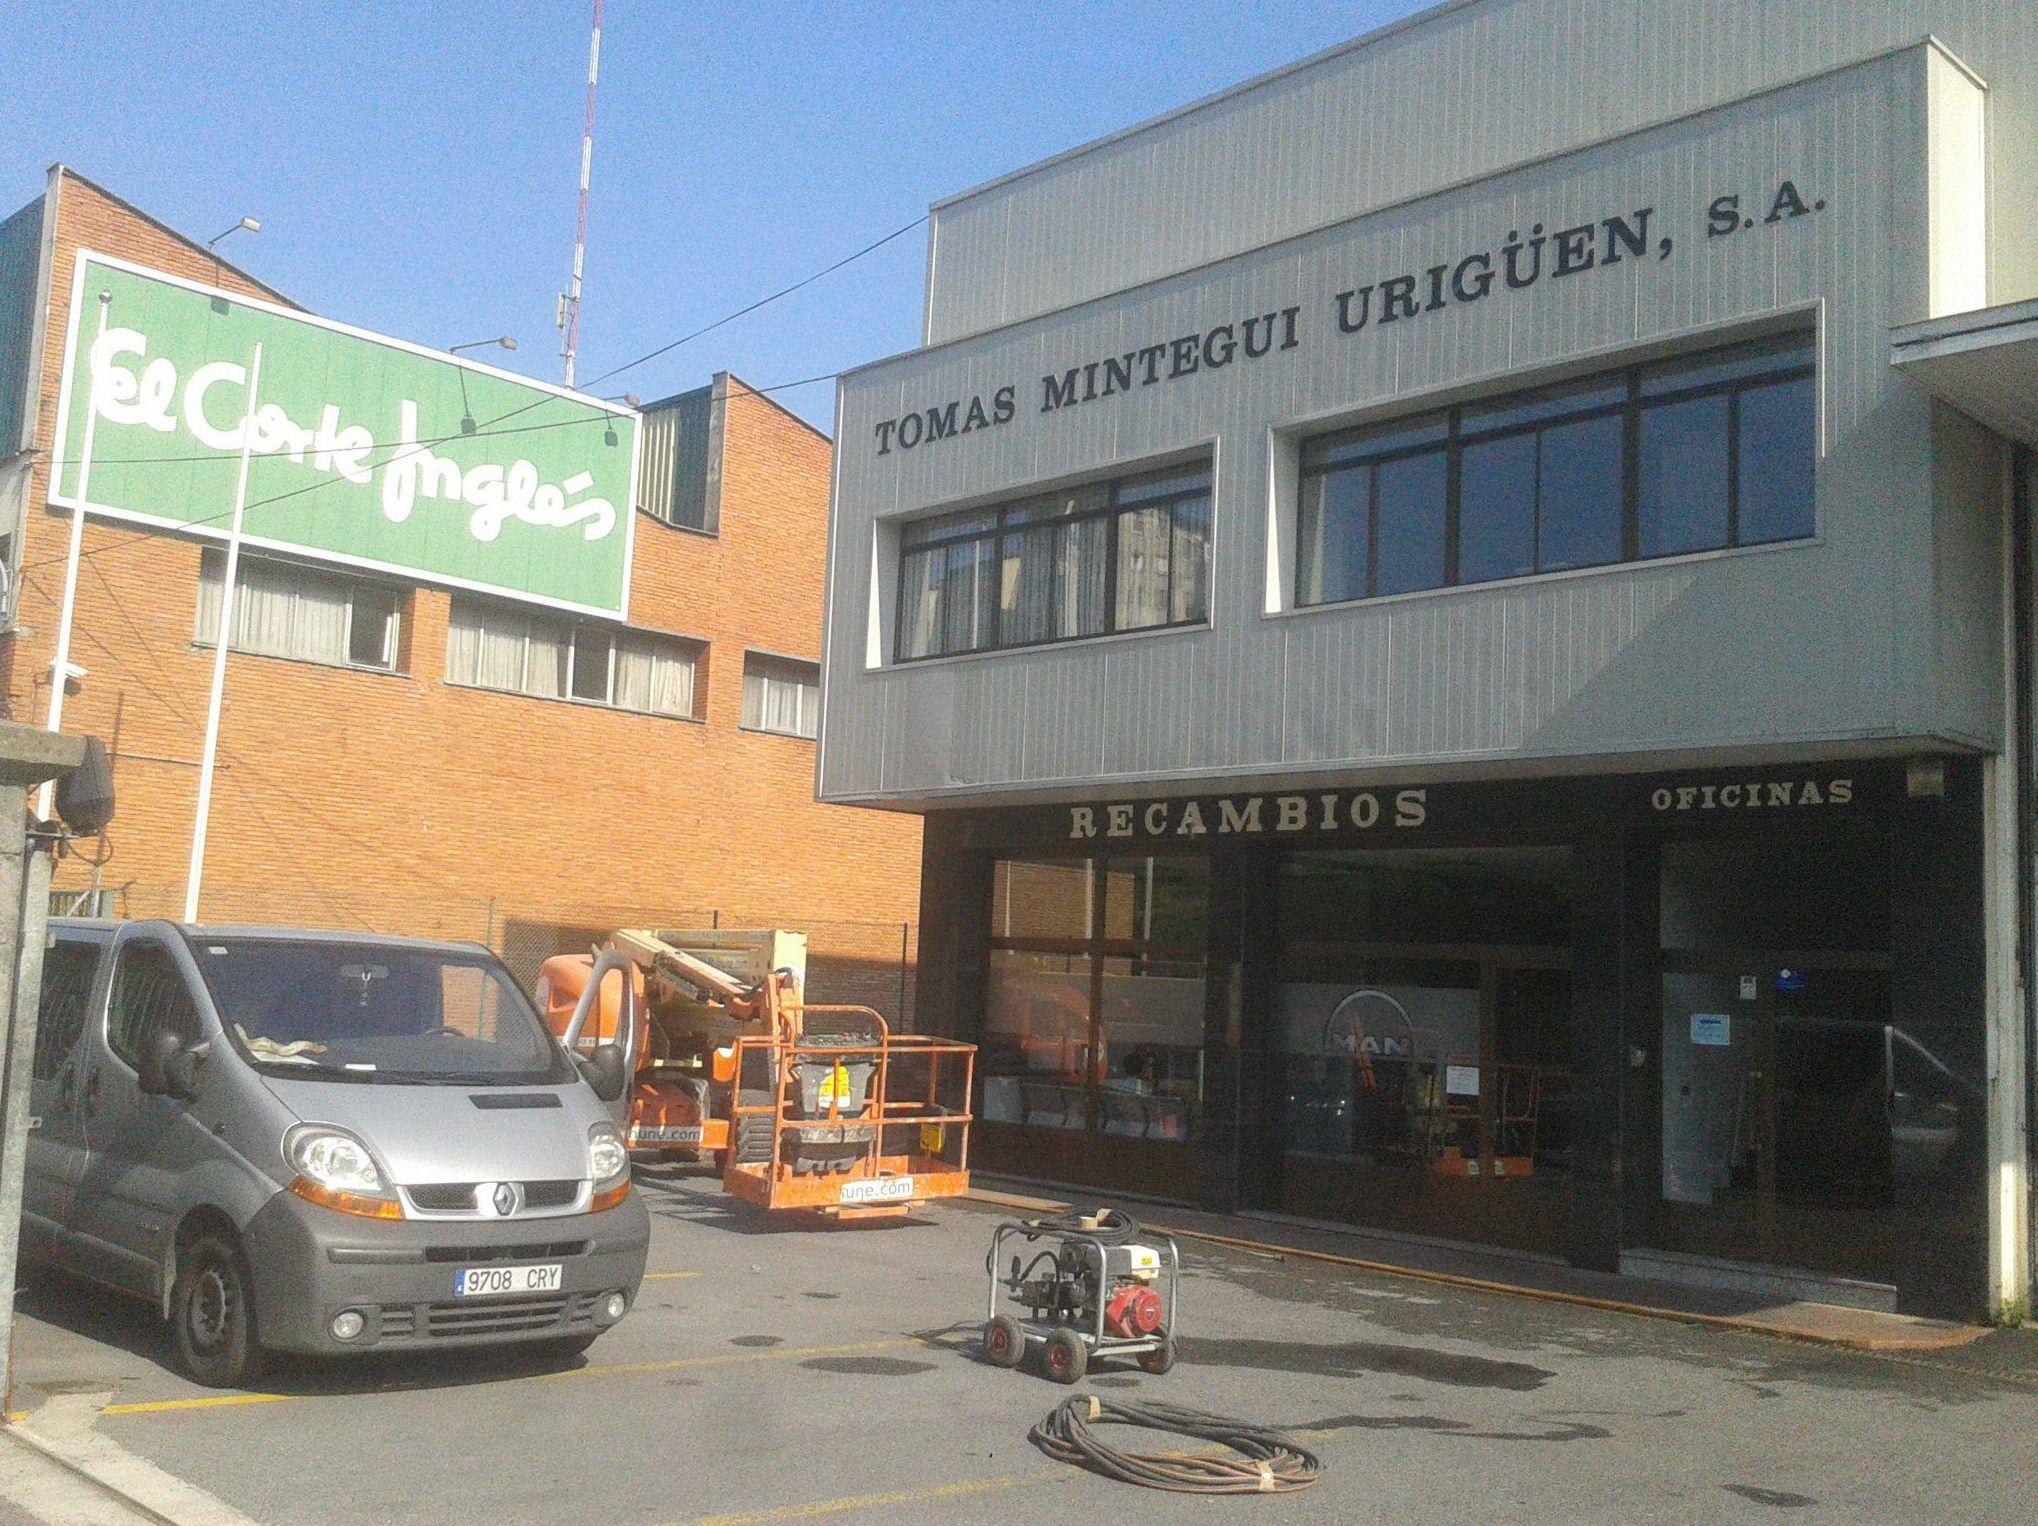 Limpieza de fachadas en Vizcaya